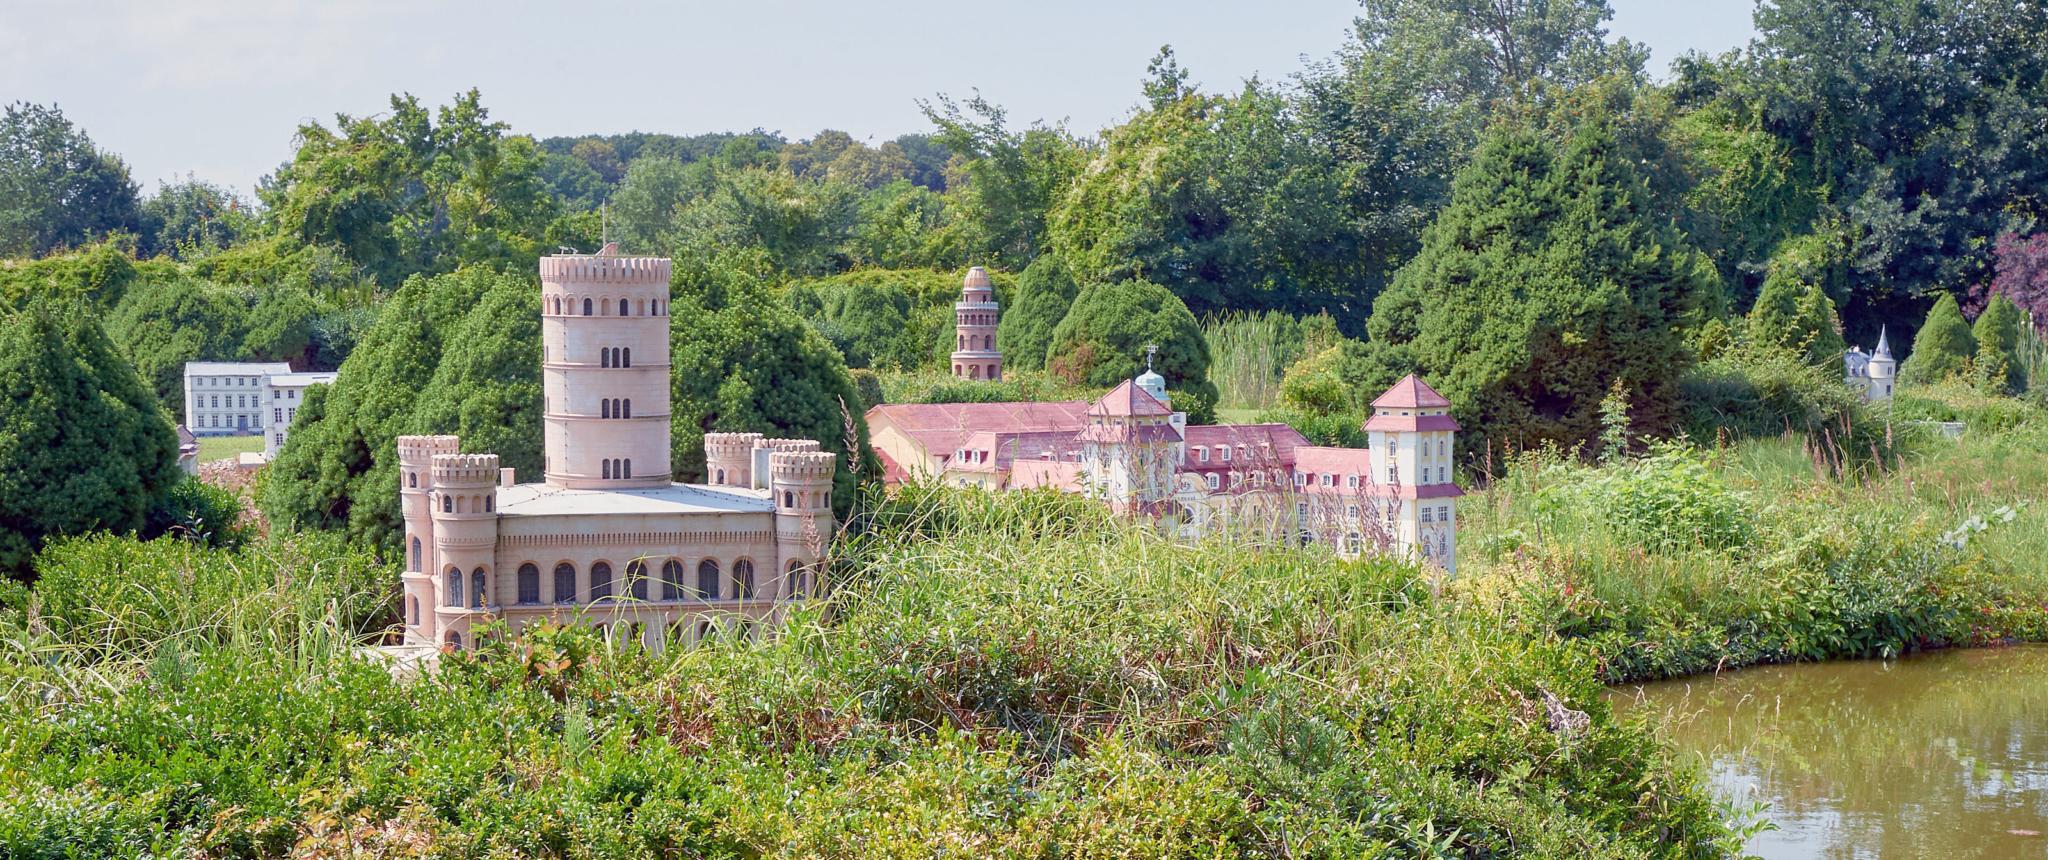 Der Rügenpark Gingst präsentiert u.a. eine Nachbildung der Insel Rügen mit alle ihren Sehenswürdigkeiten.